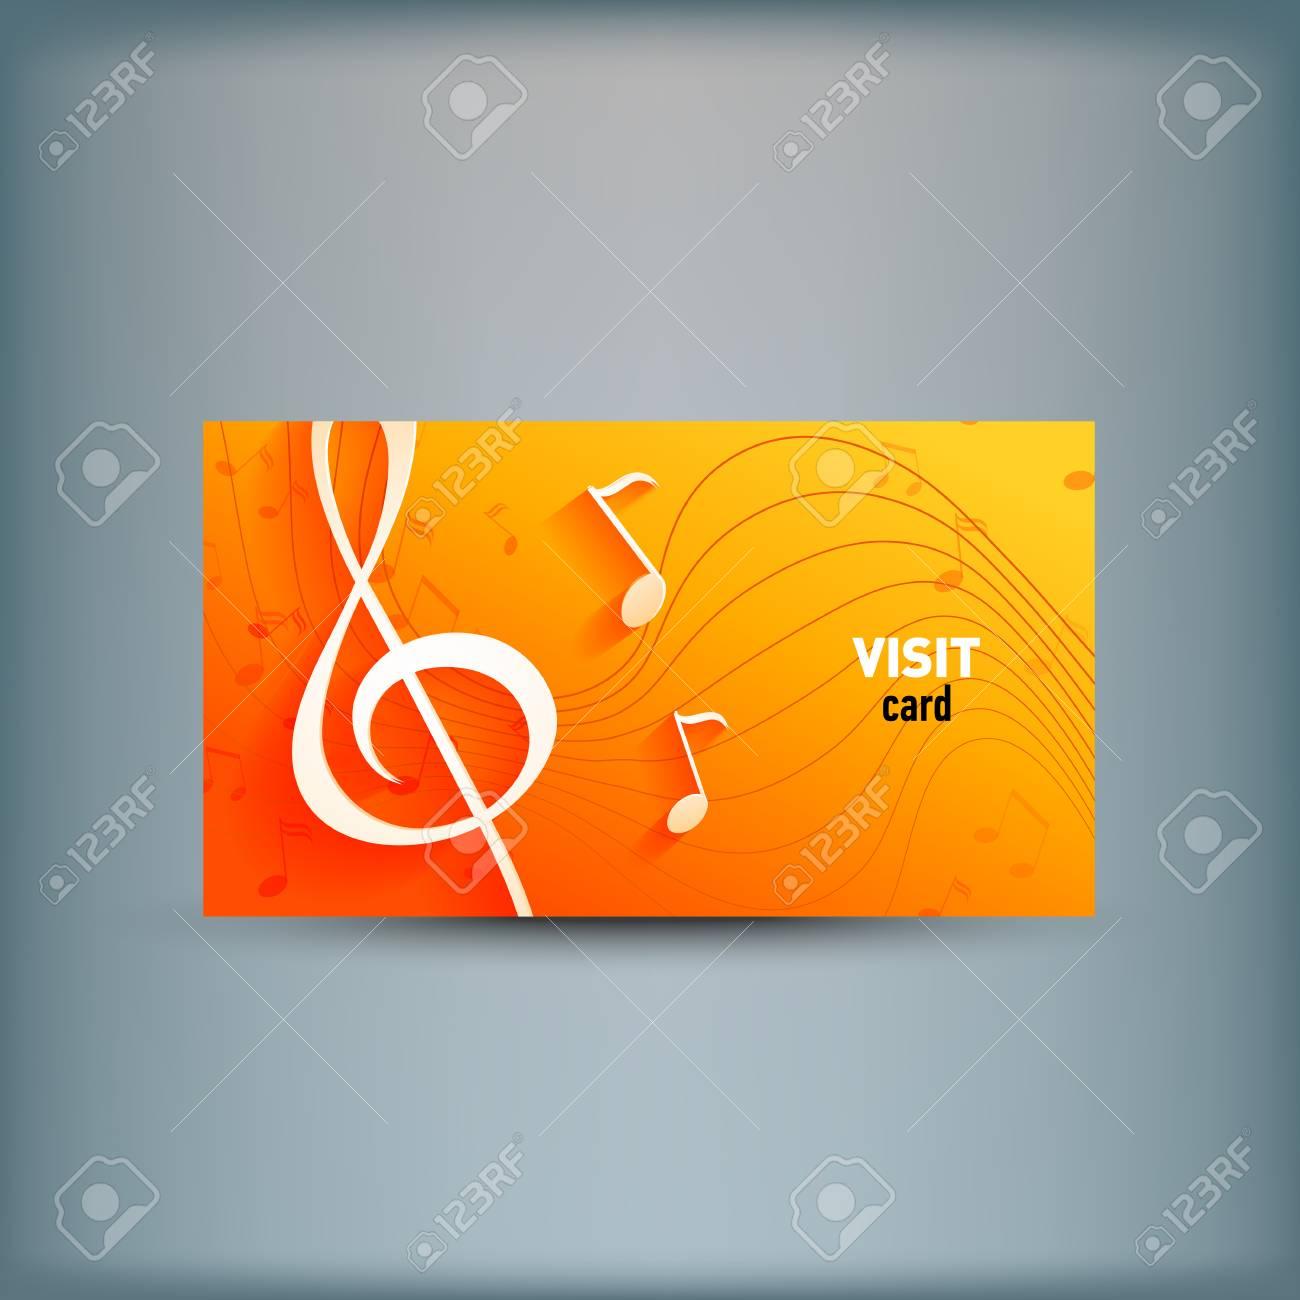 Plantilla Para Publicidad E Identidad Corporativa. Clave De Música Y ...